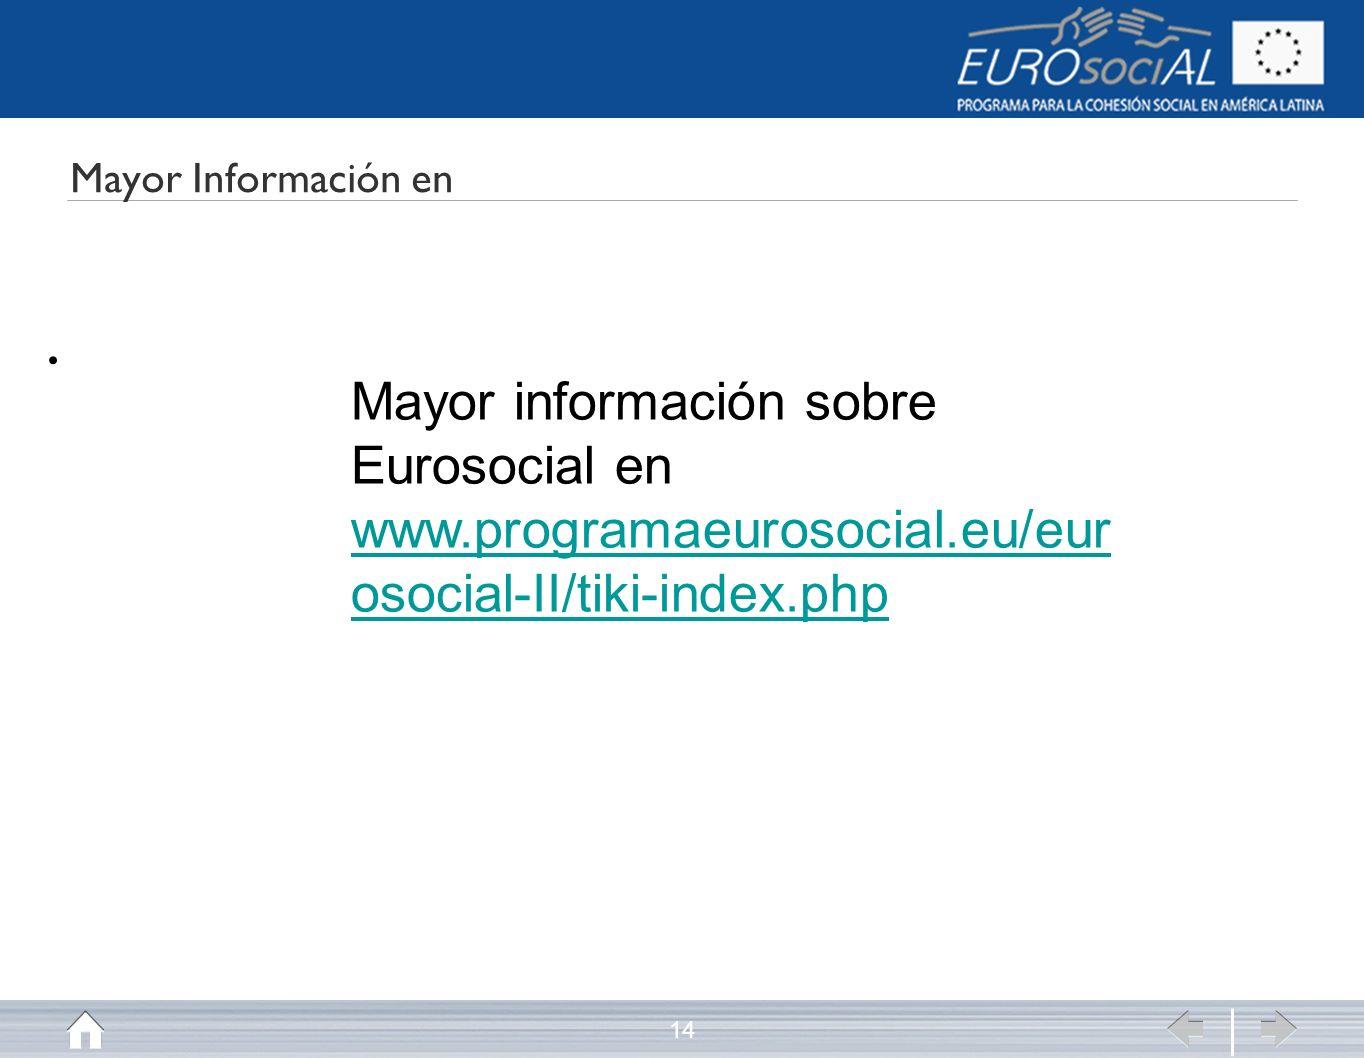 14 Mayor Información en Mayor información sobre Eurosocial en www.programaeurosocial.eu/eur osocial-II/tiki-index.php www.programaeurosocial.eu/eur osocial-II/tiki-index.php